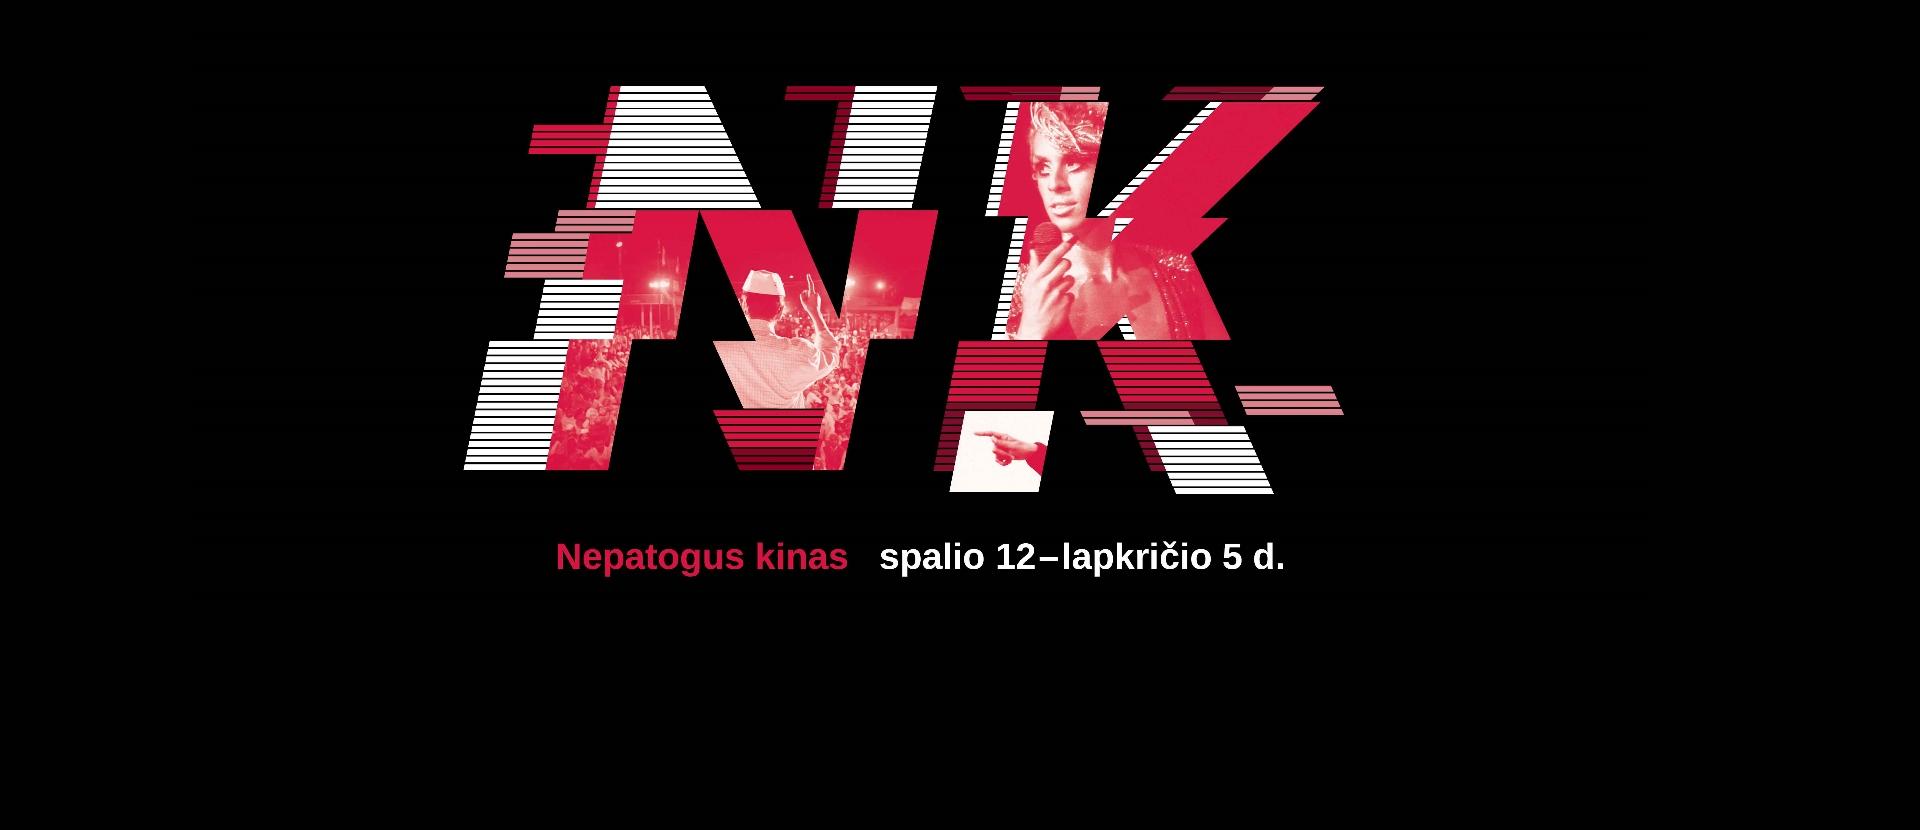 """Festivalis """"Nepatogus kinas"""" spalio 12 - lapkričio 5 dienomis"""